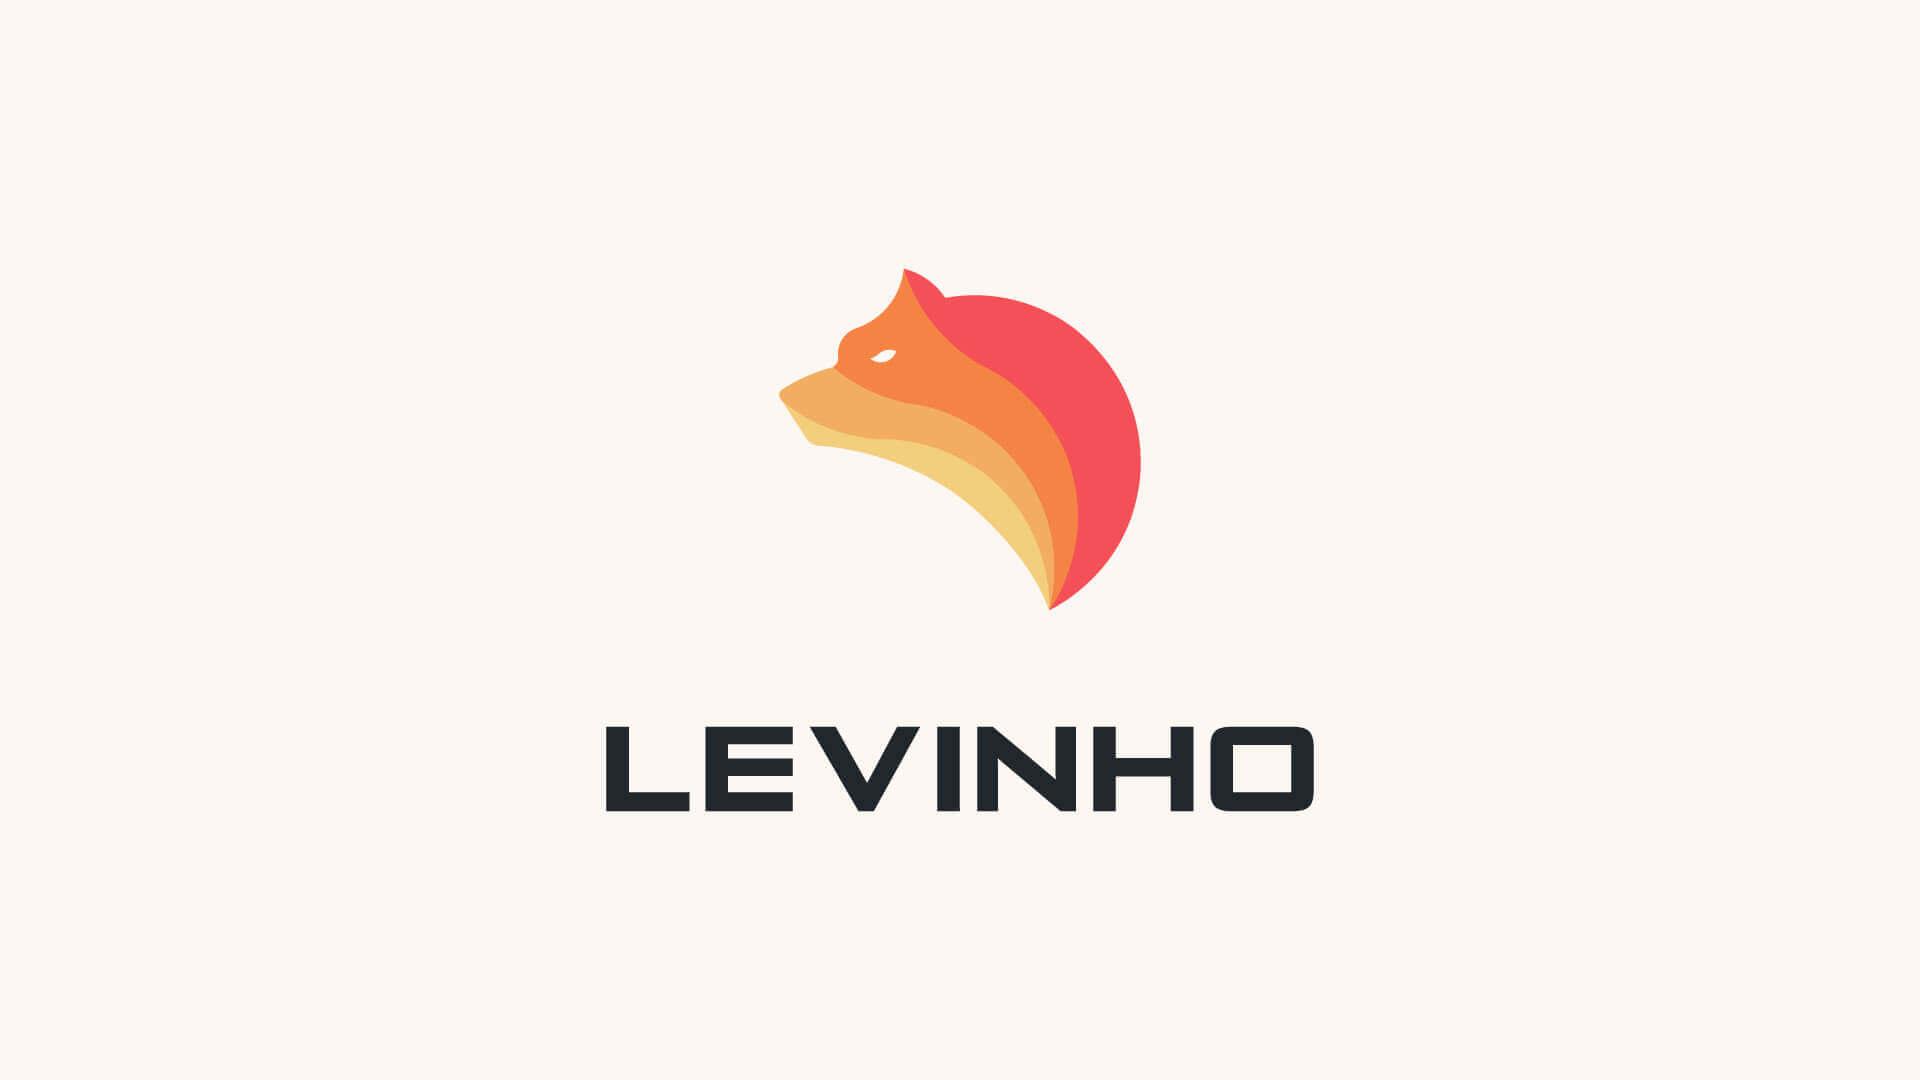 Levinho logo light desktop background